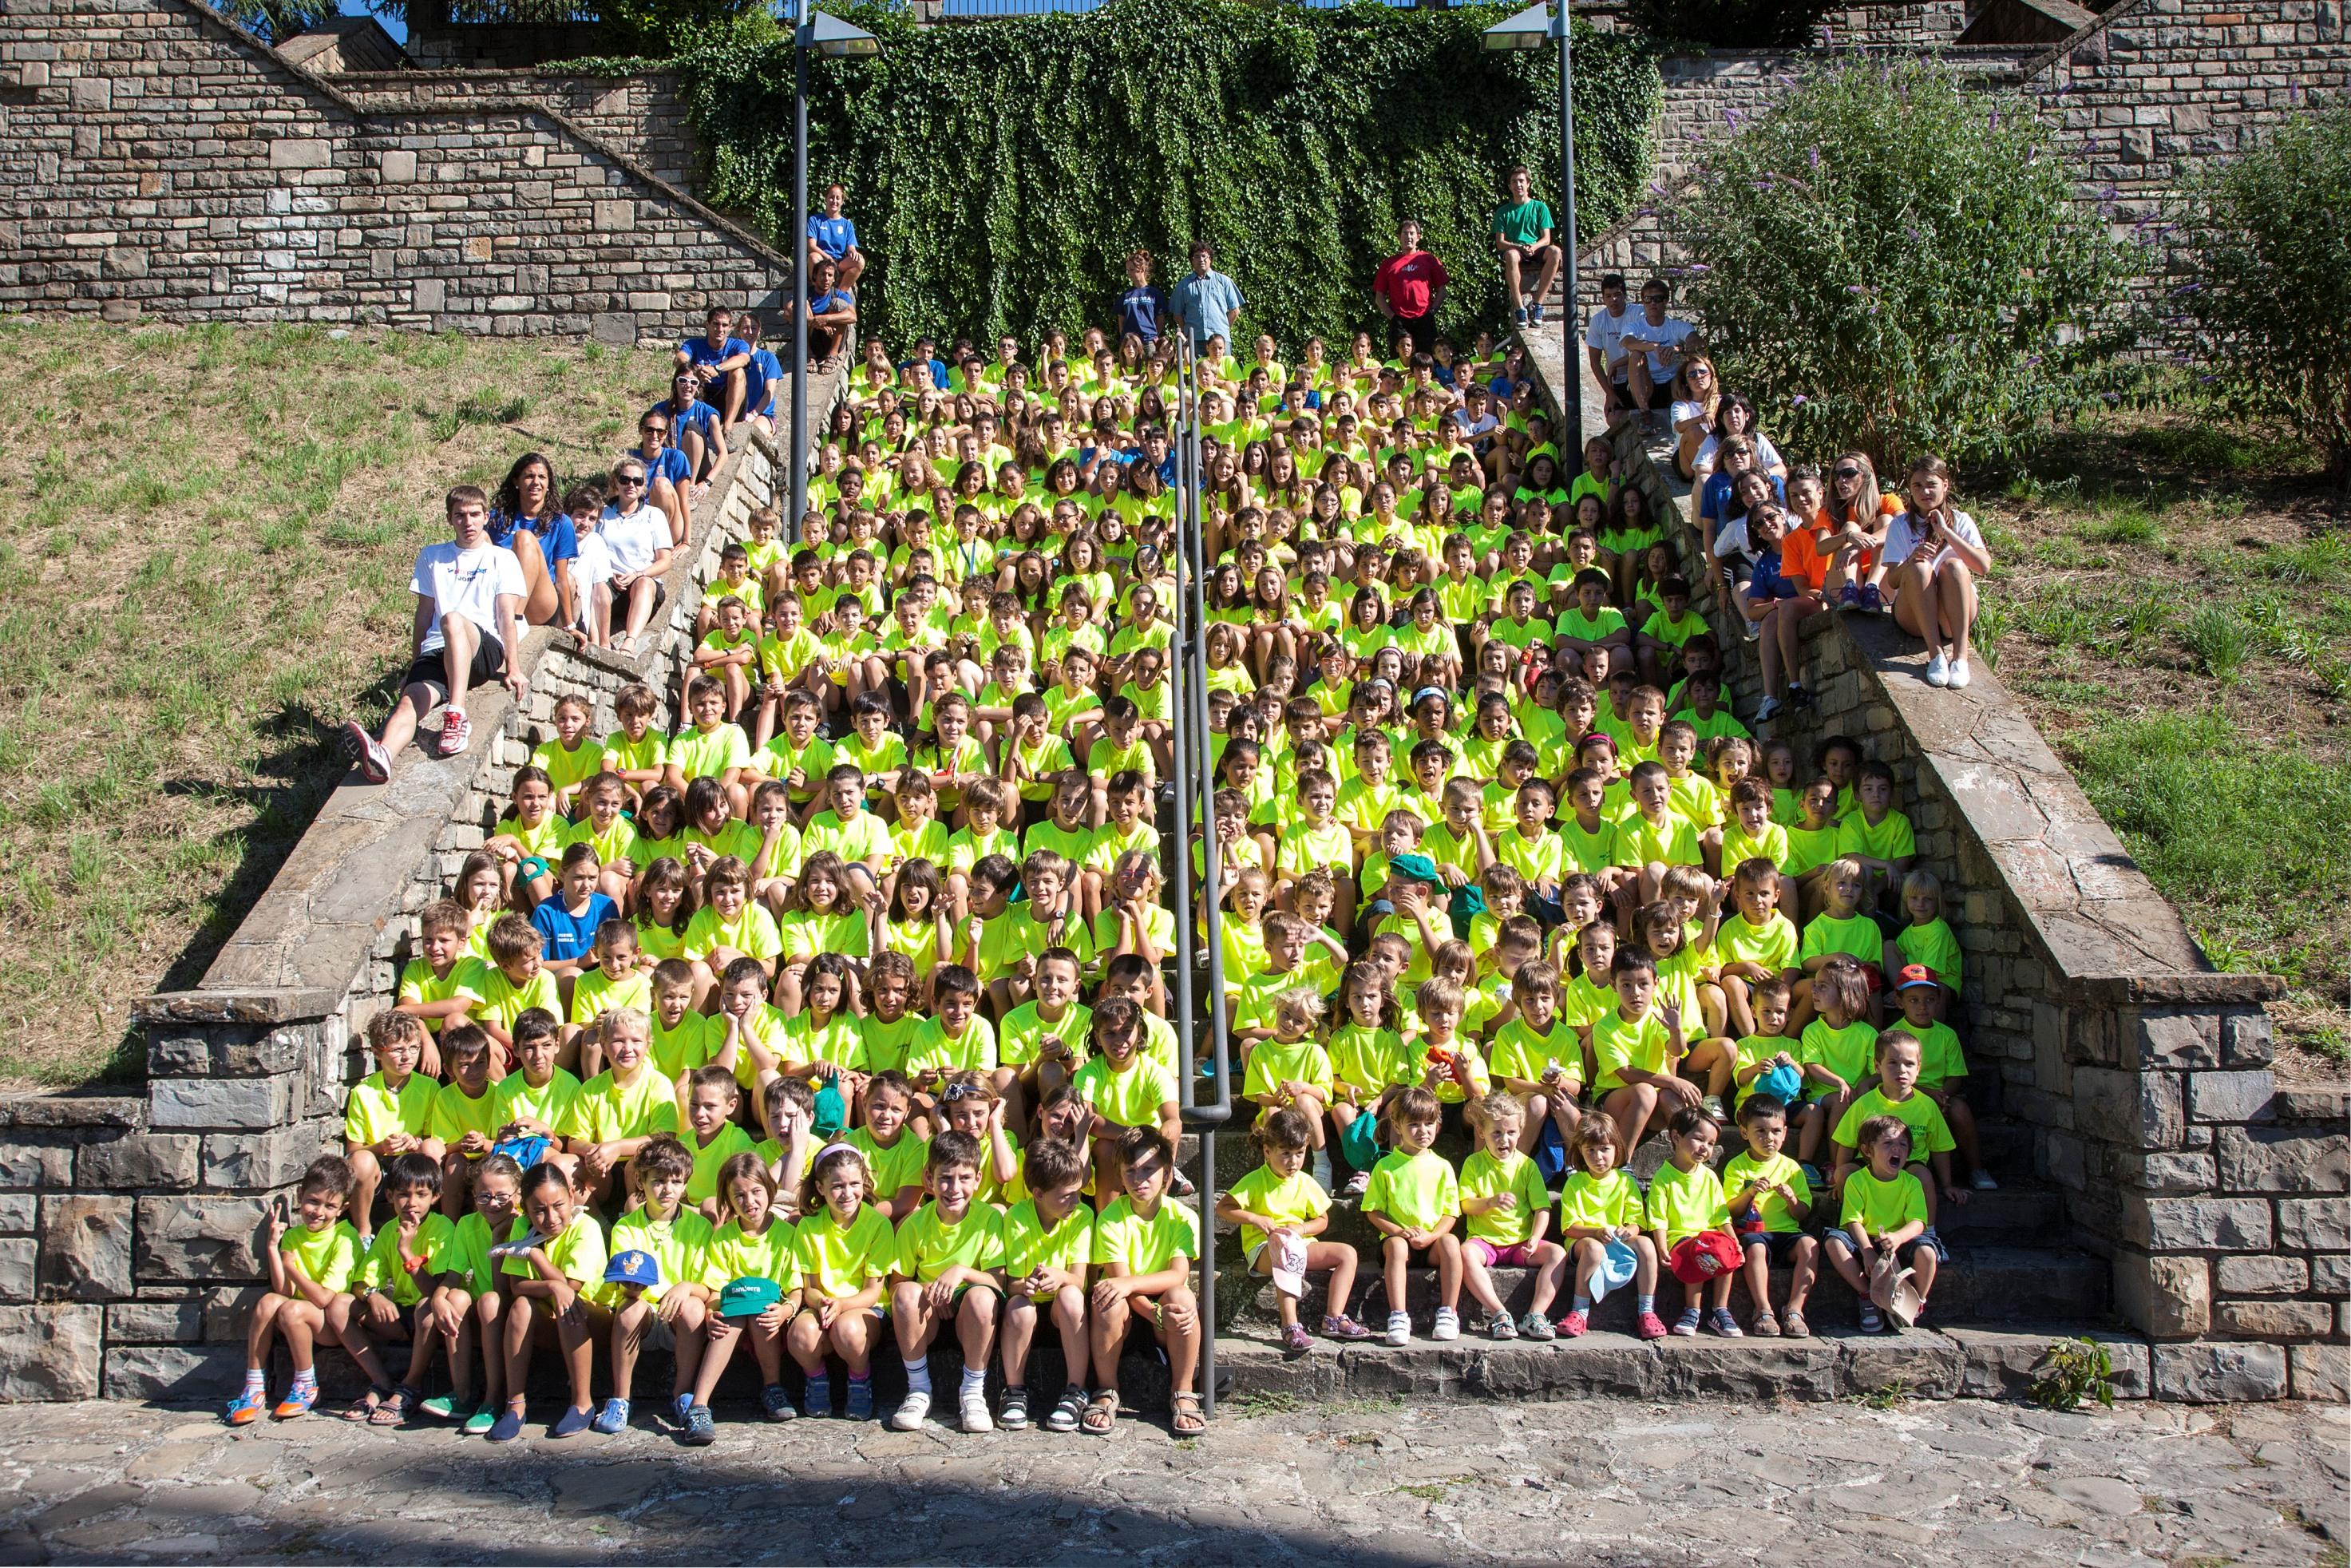 La Escuela De Verano De Jaca Arranca El 1 De Julio Con Nuevas Actividades Escuela De Verano De Jaca